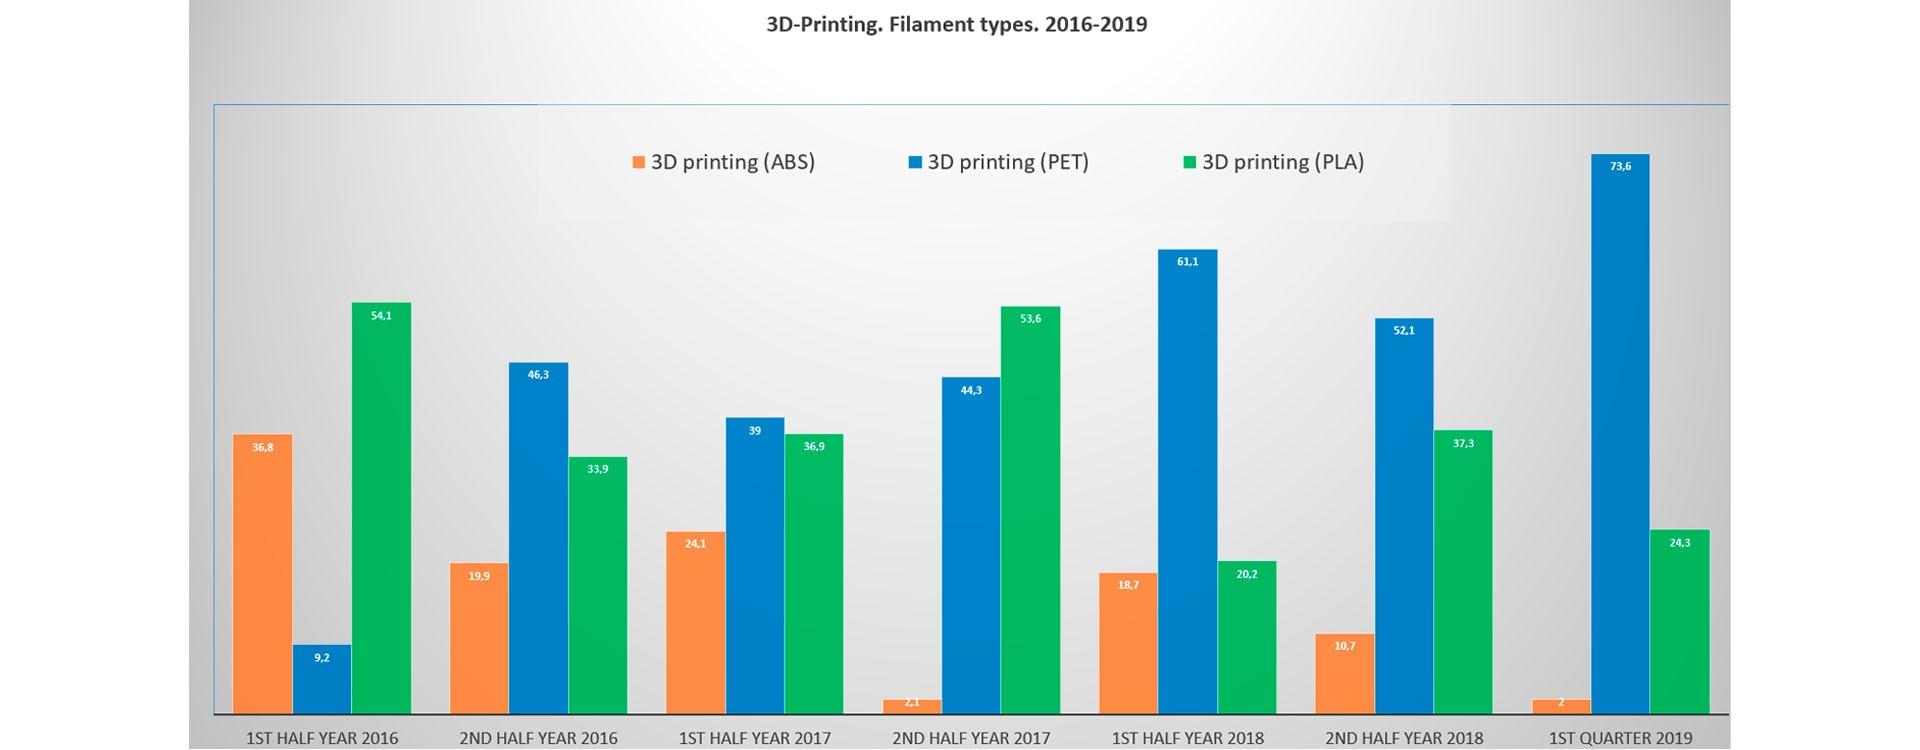 3D-печать. Типы пластиков. 2016-2019 гг.